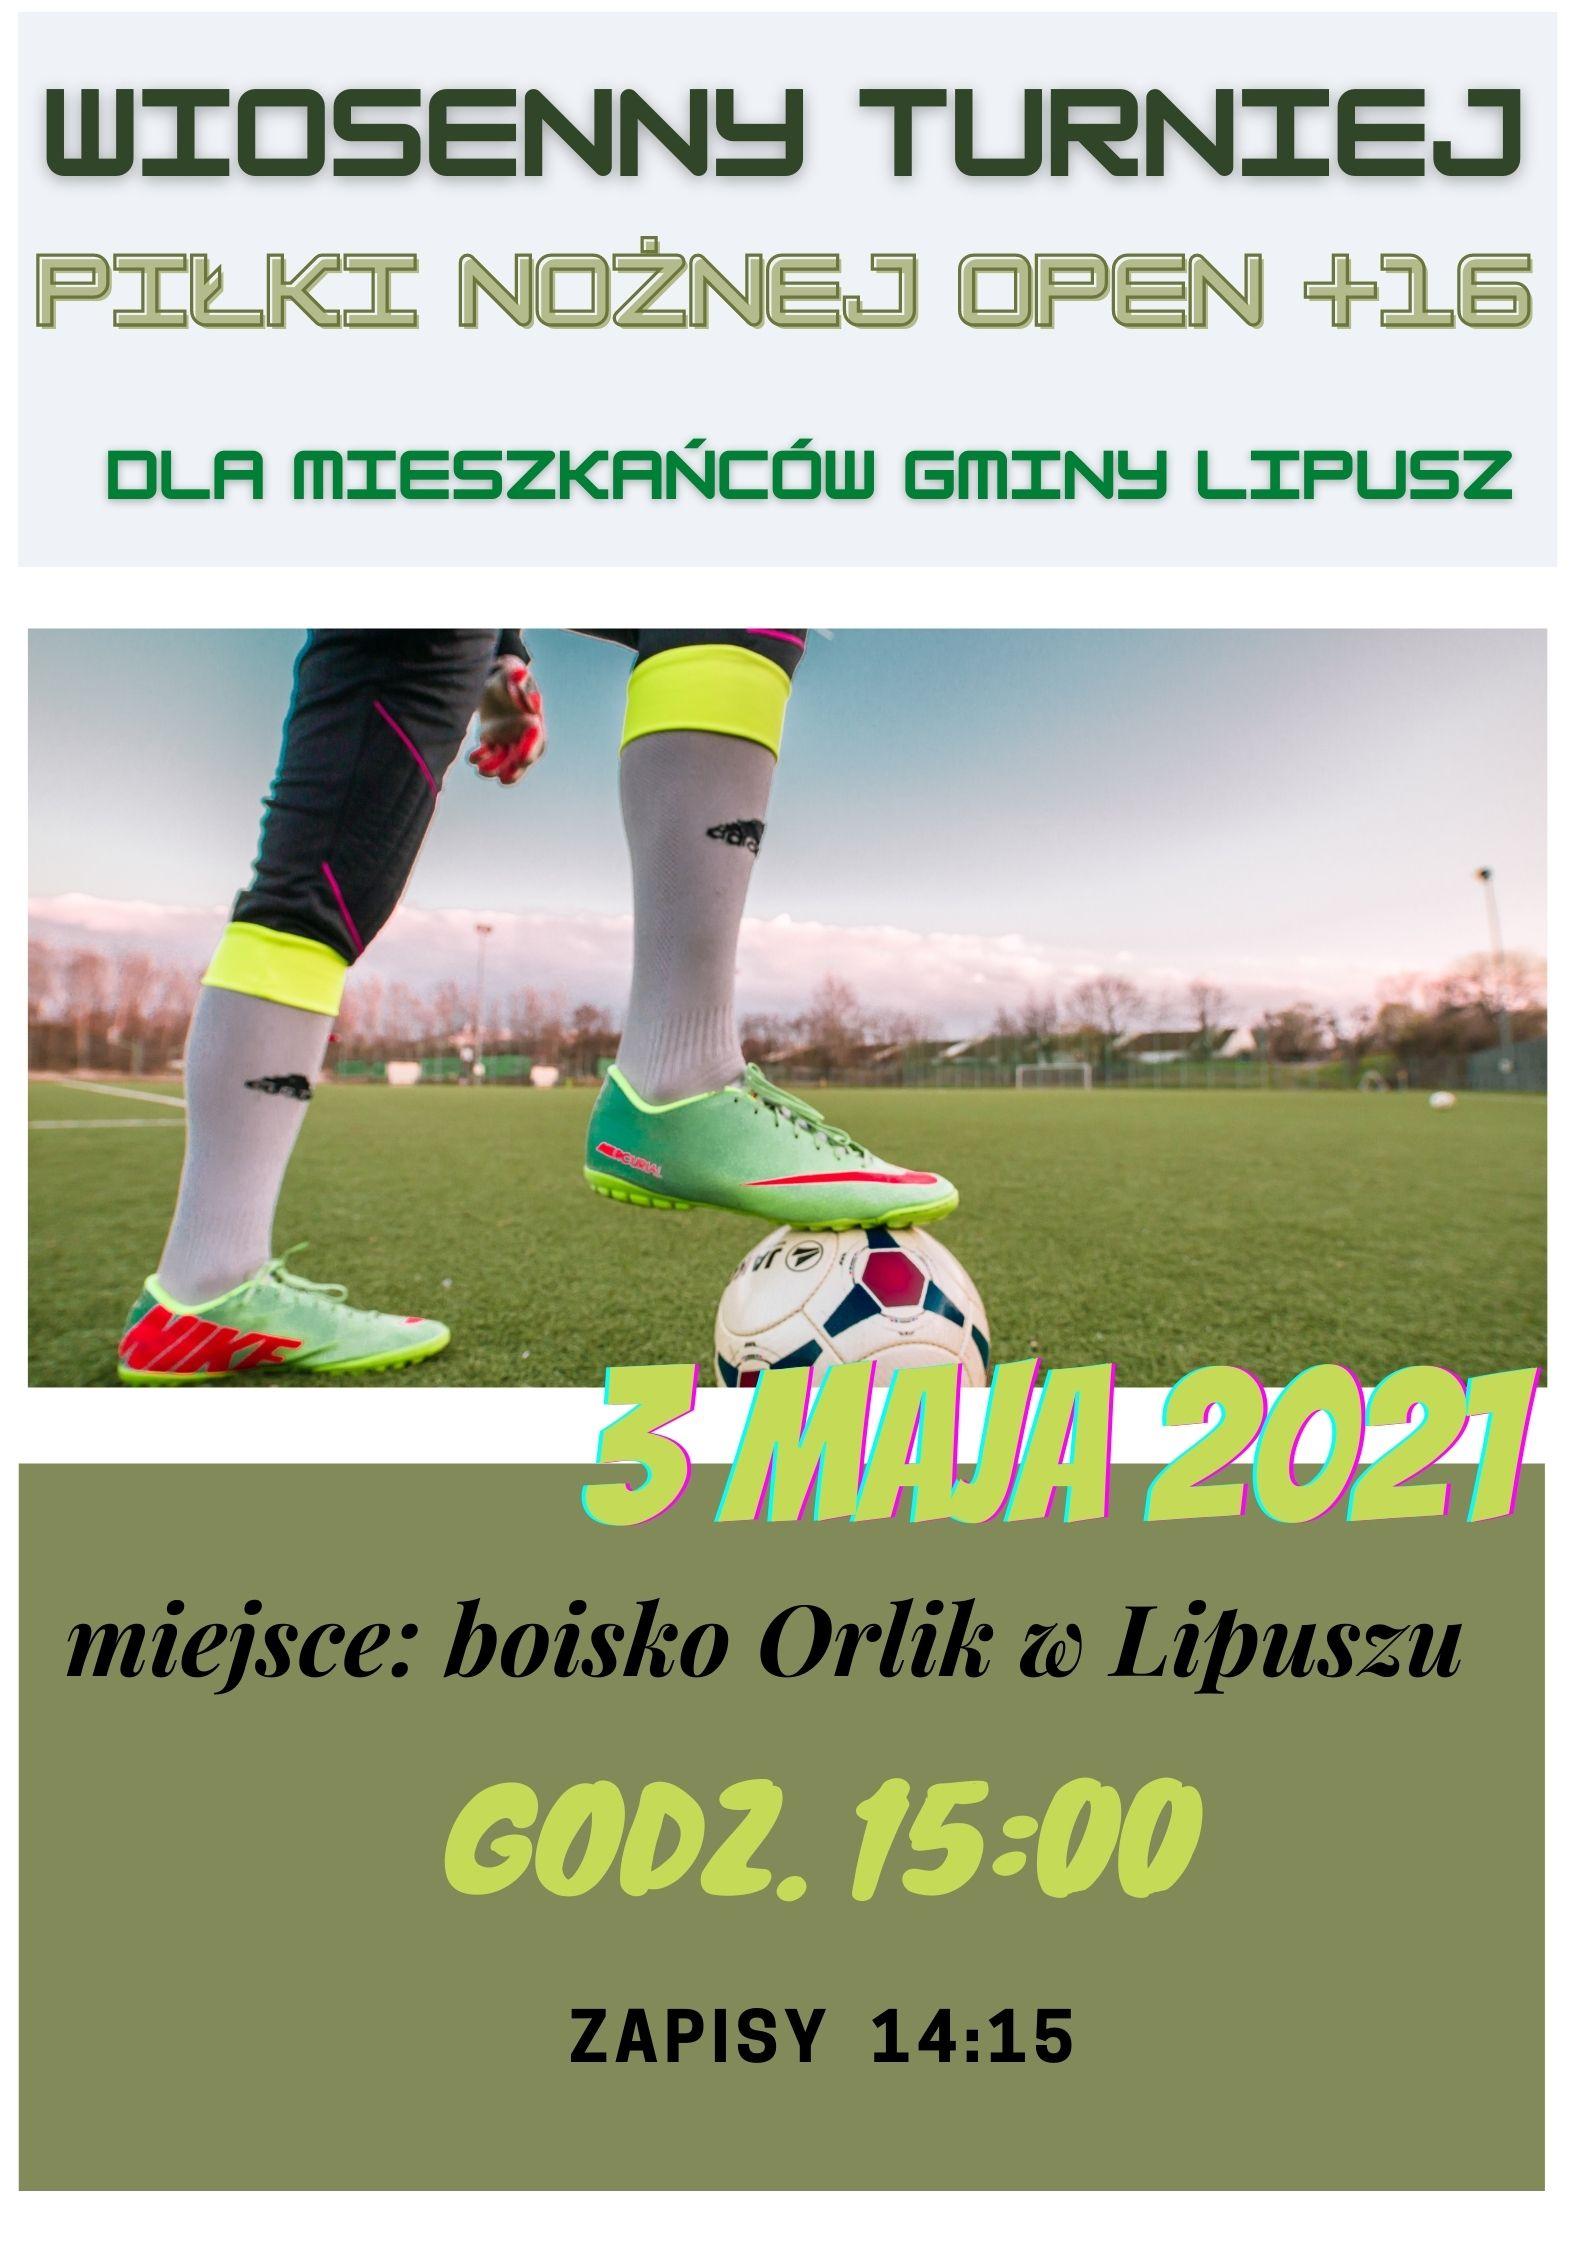 Plakat- Wiosenny Turniej Piłki Nożnej Open +16 dla mieszkańców Gminy Lipusz. 3 maja 2021r. miejsce: boisko Orlik w Lipuszu godz. 15:00, zapisy 14:15